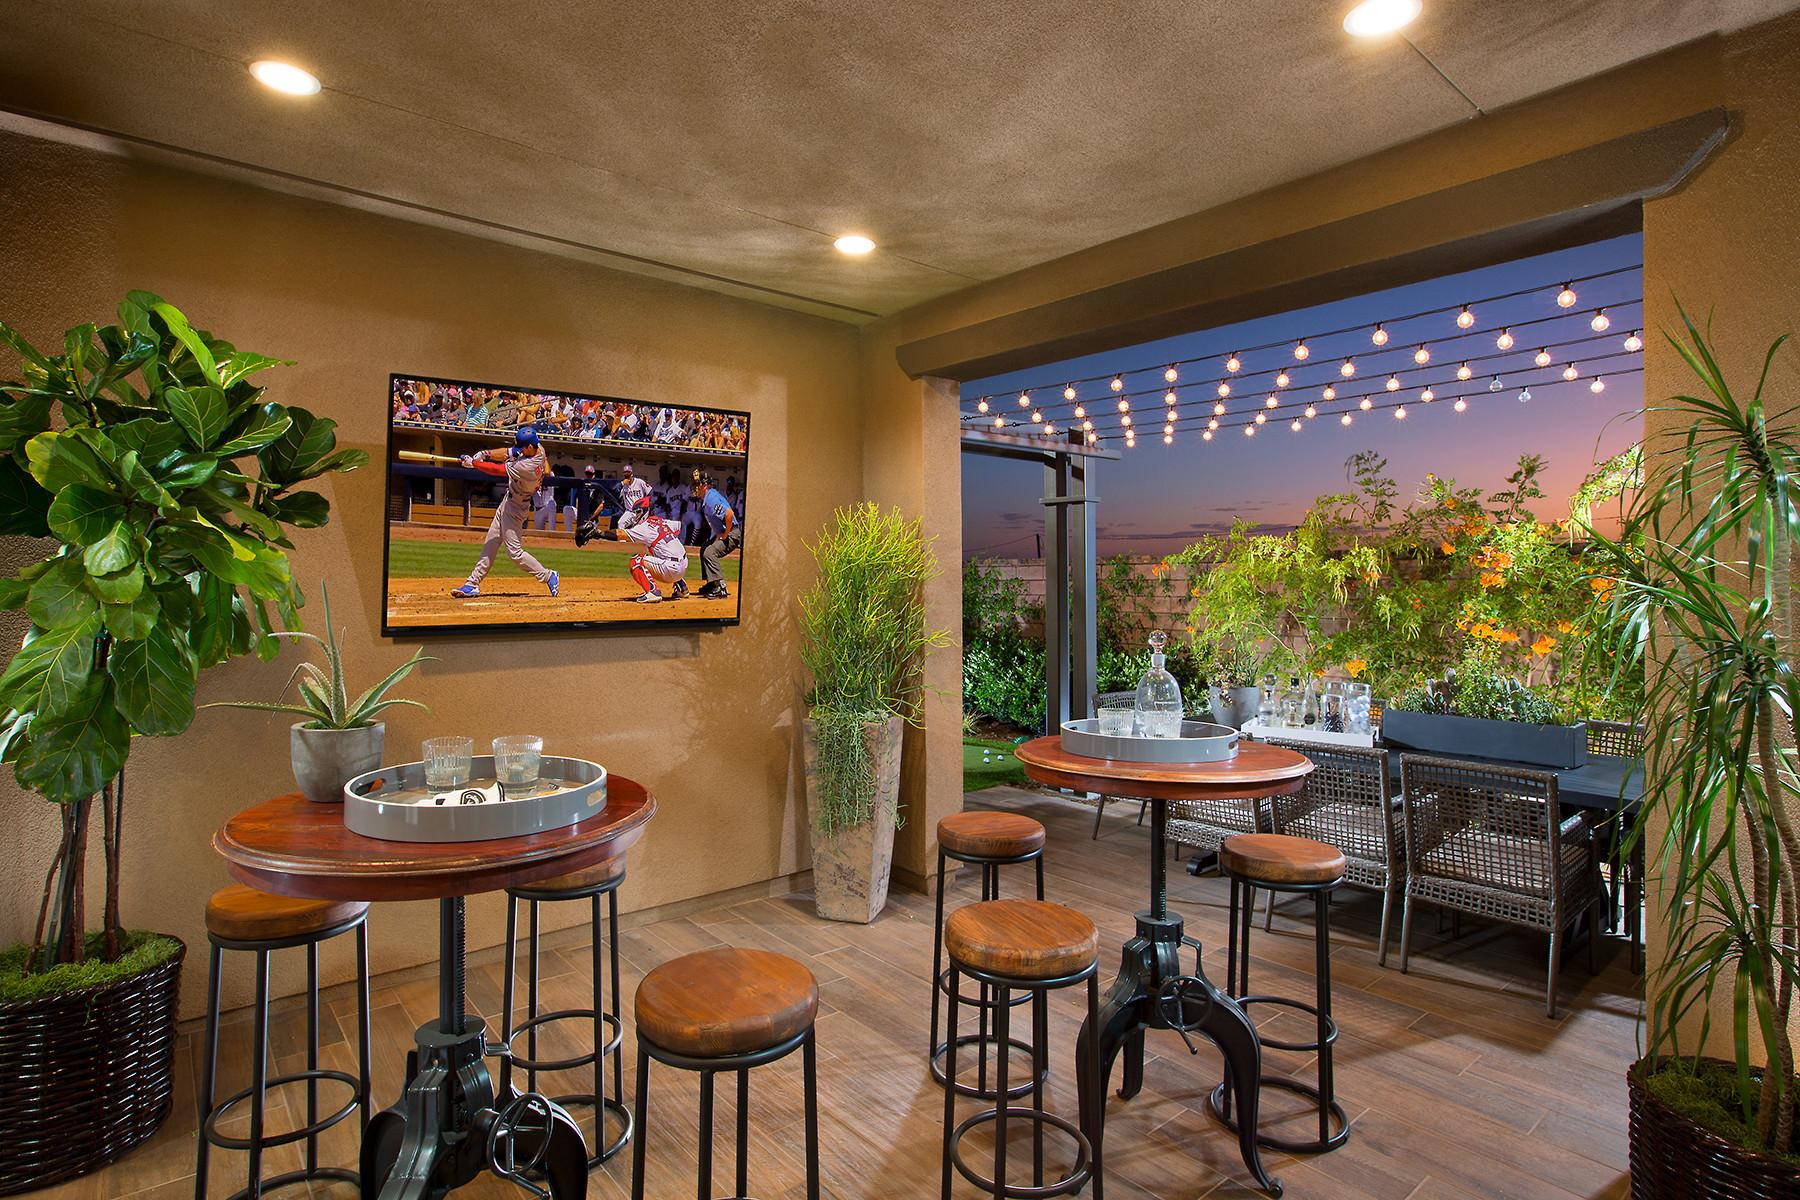 Plan 1 Cortesa Outdoor Room